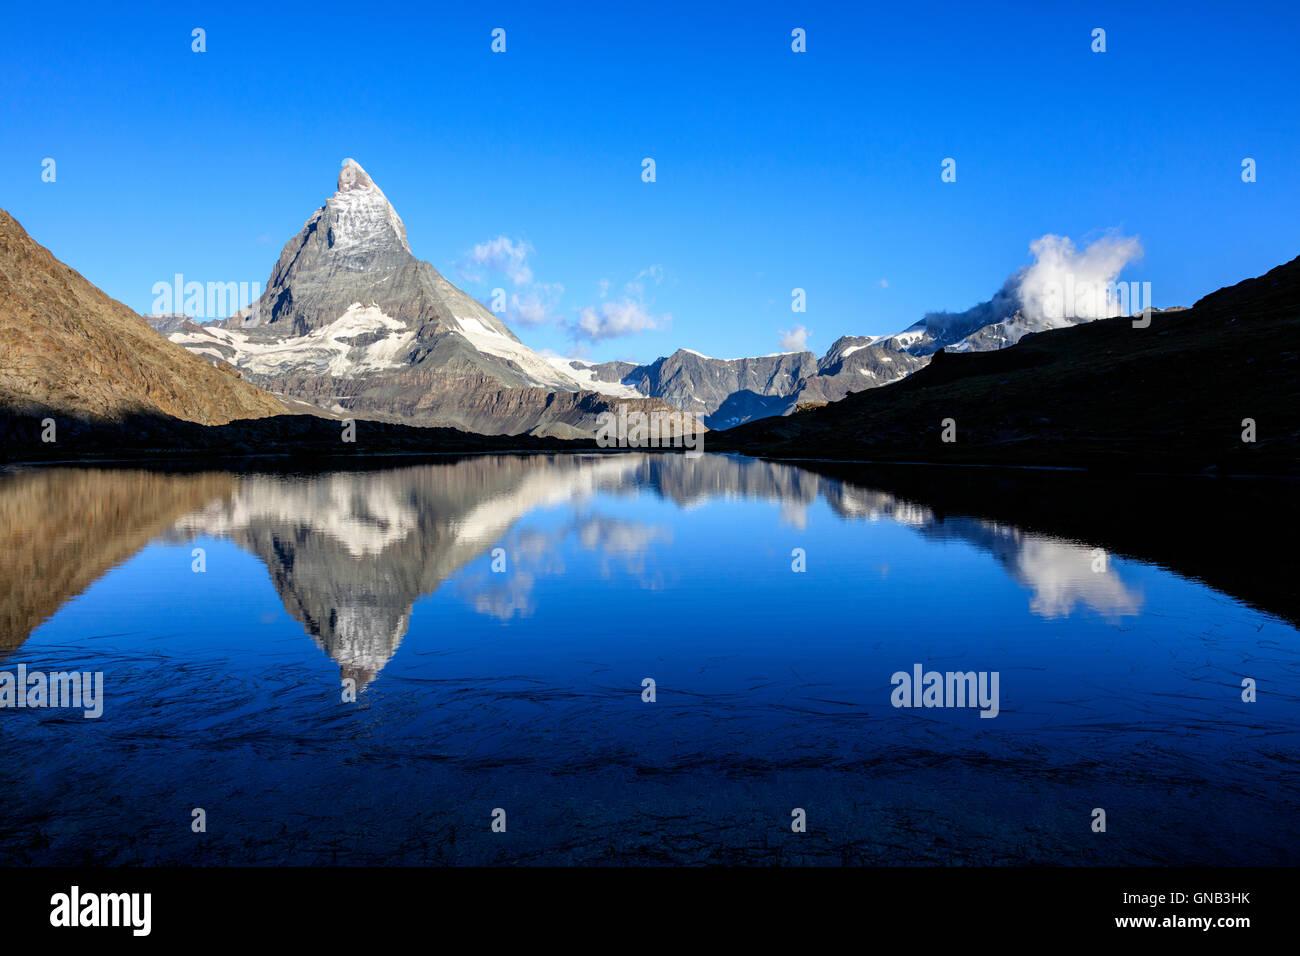 Le Matterhorn reflétée dans les eaux bleues du lac Stellisee Zermatt Alpes Pennines Canton du Valais Suisse Photo Stock